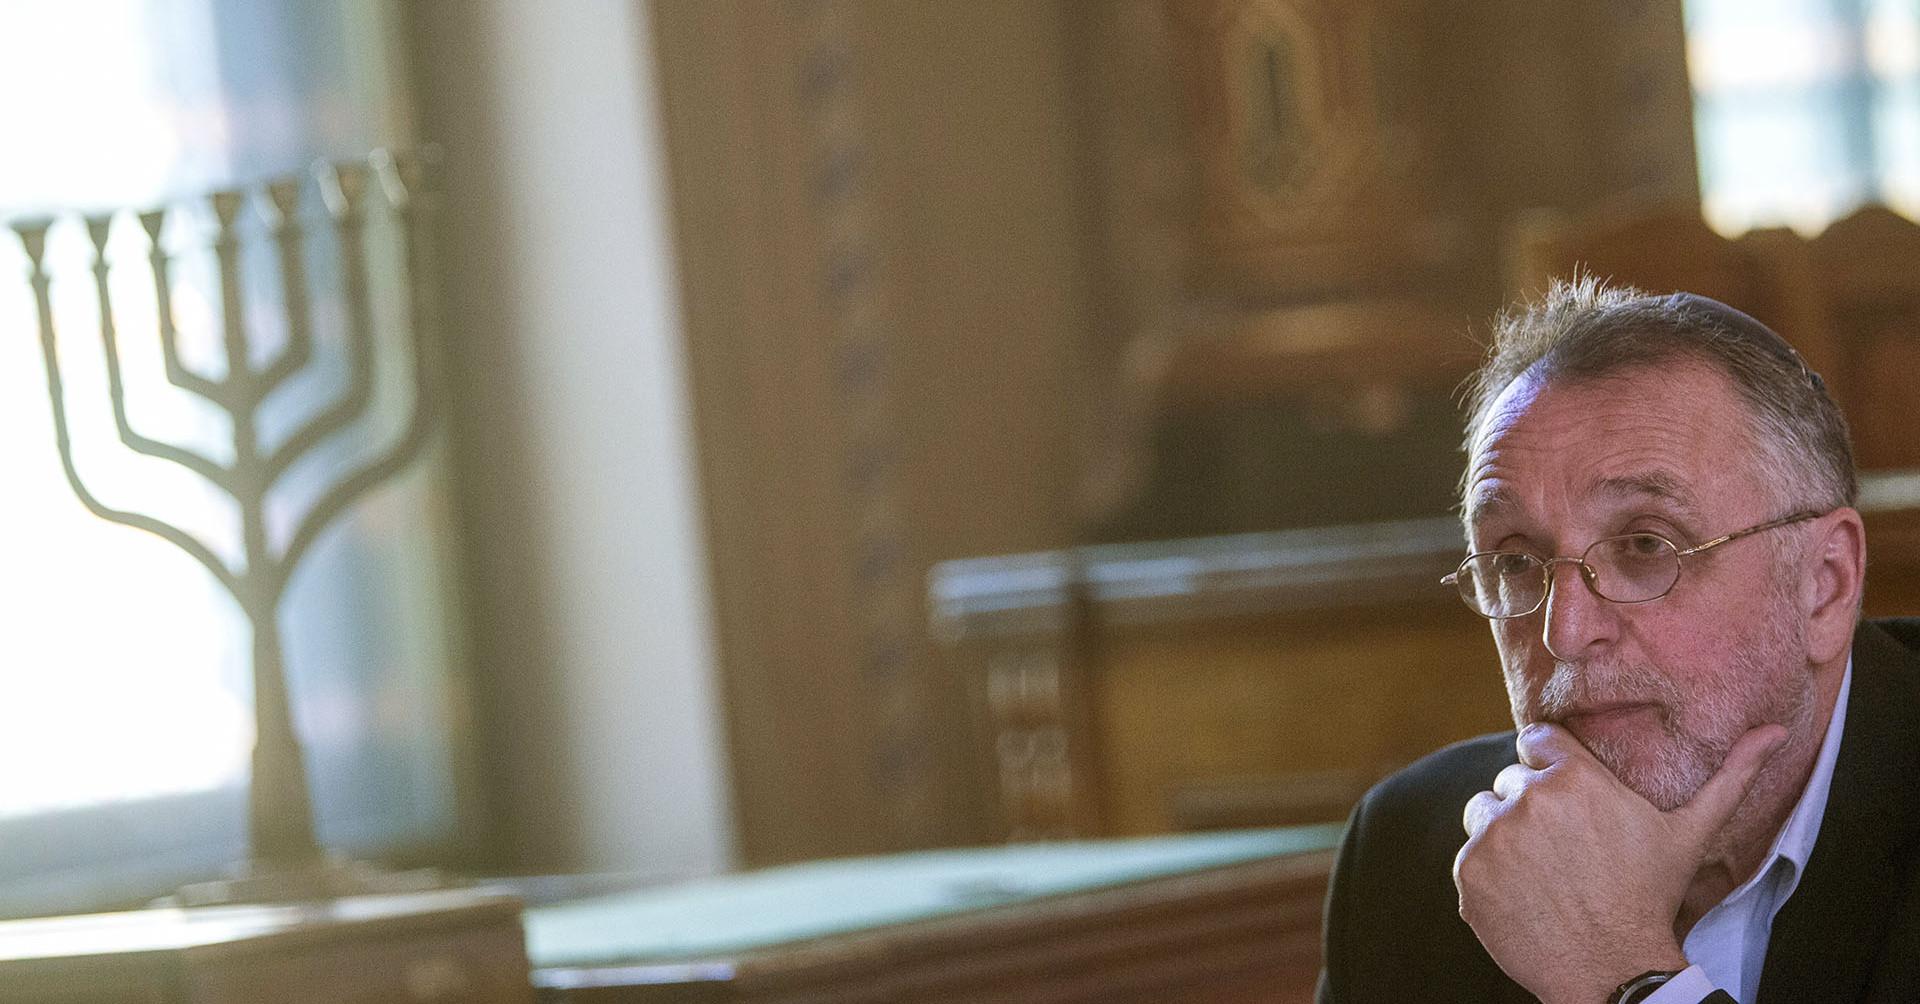 Felszólítást kapott a Mazsihisz a vallási bíróságtól